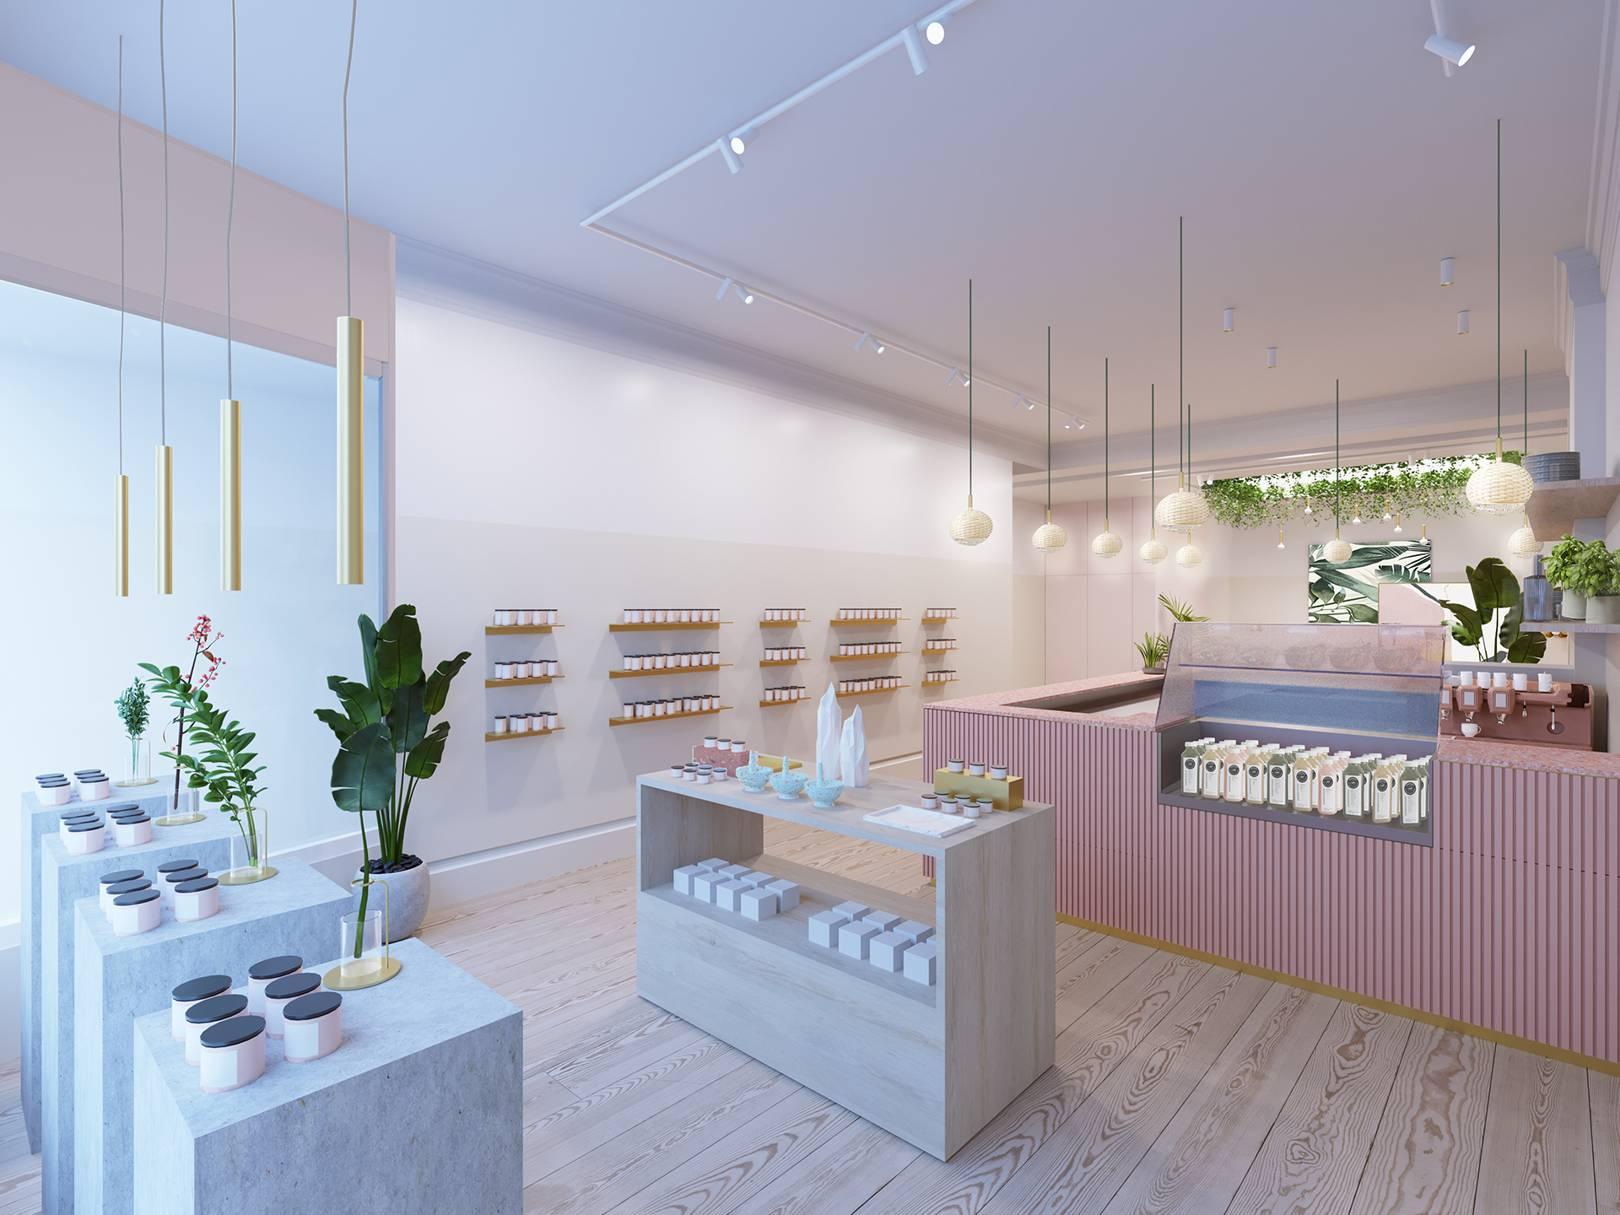 Glow Bar (Café)